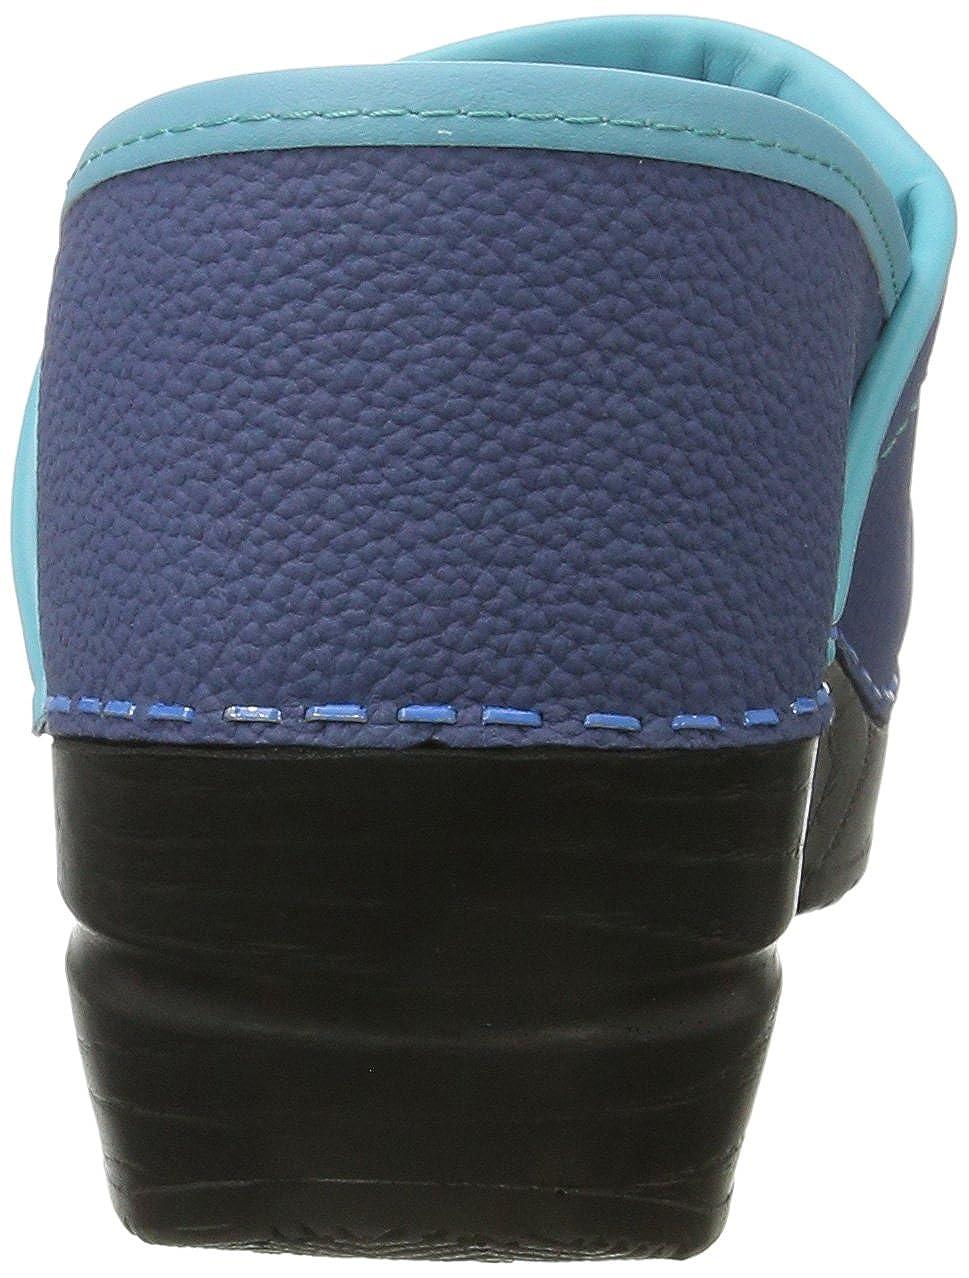 Electra closed 457216W-29 - Zuecos de cuero para mujer: Amazon.es: Zapatos y complementos